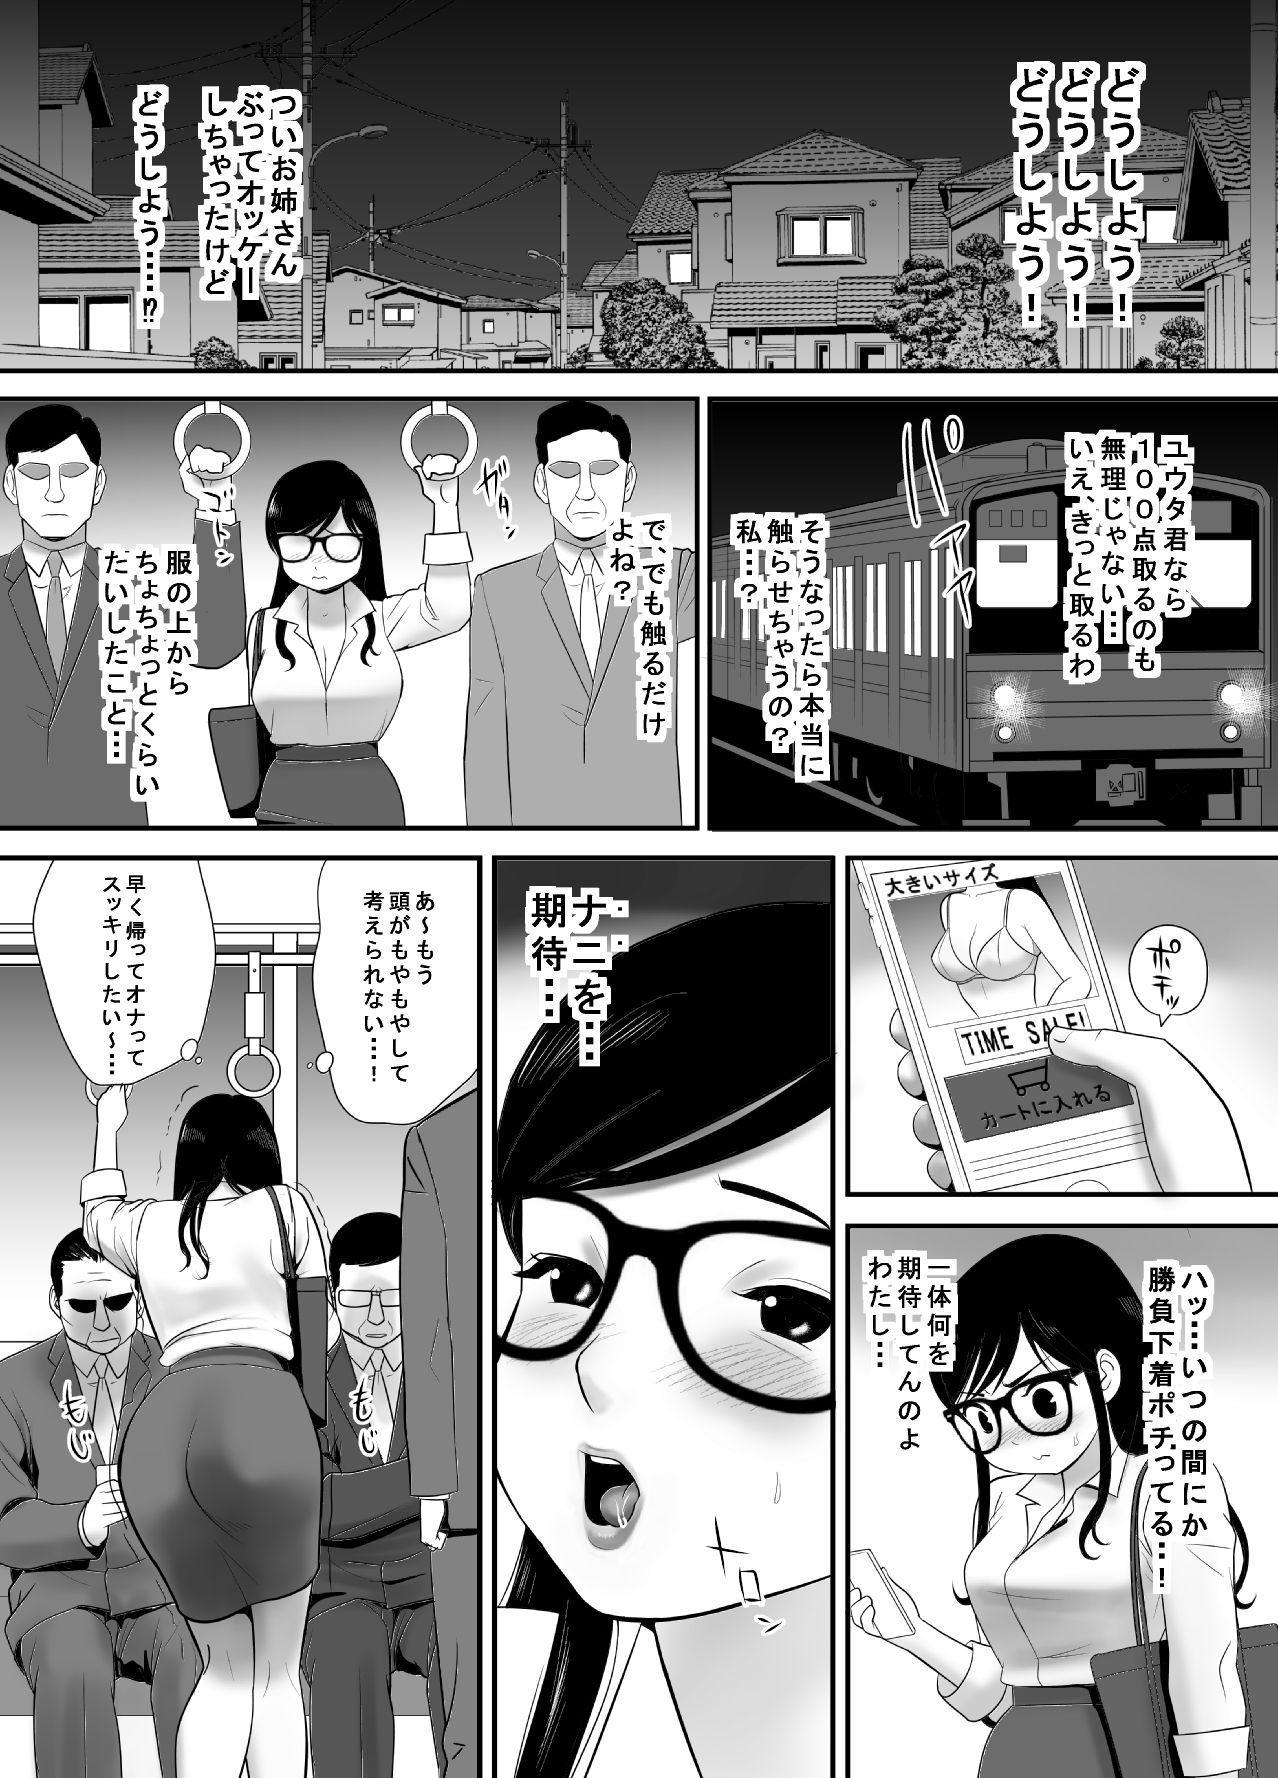 Keiken wa Nai kedo Chishiki dake Houfu na Mousou Fujoshi ga Gachi Kairaku ni Ochiru made 17